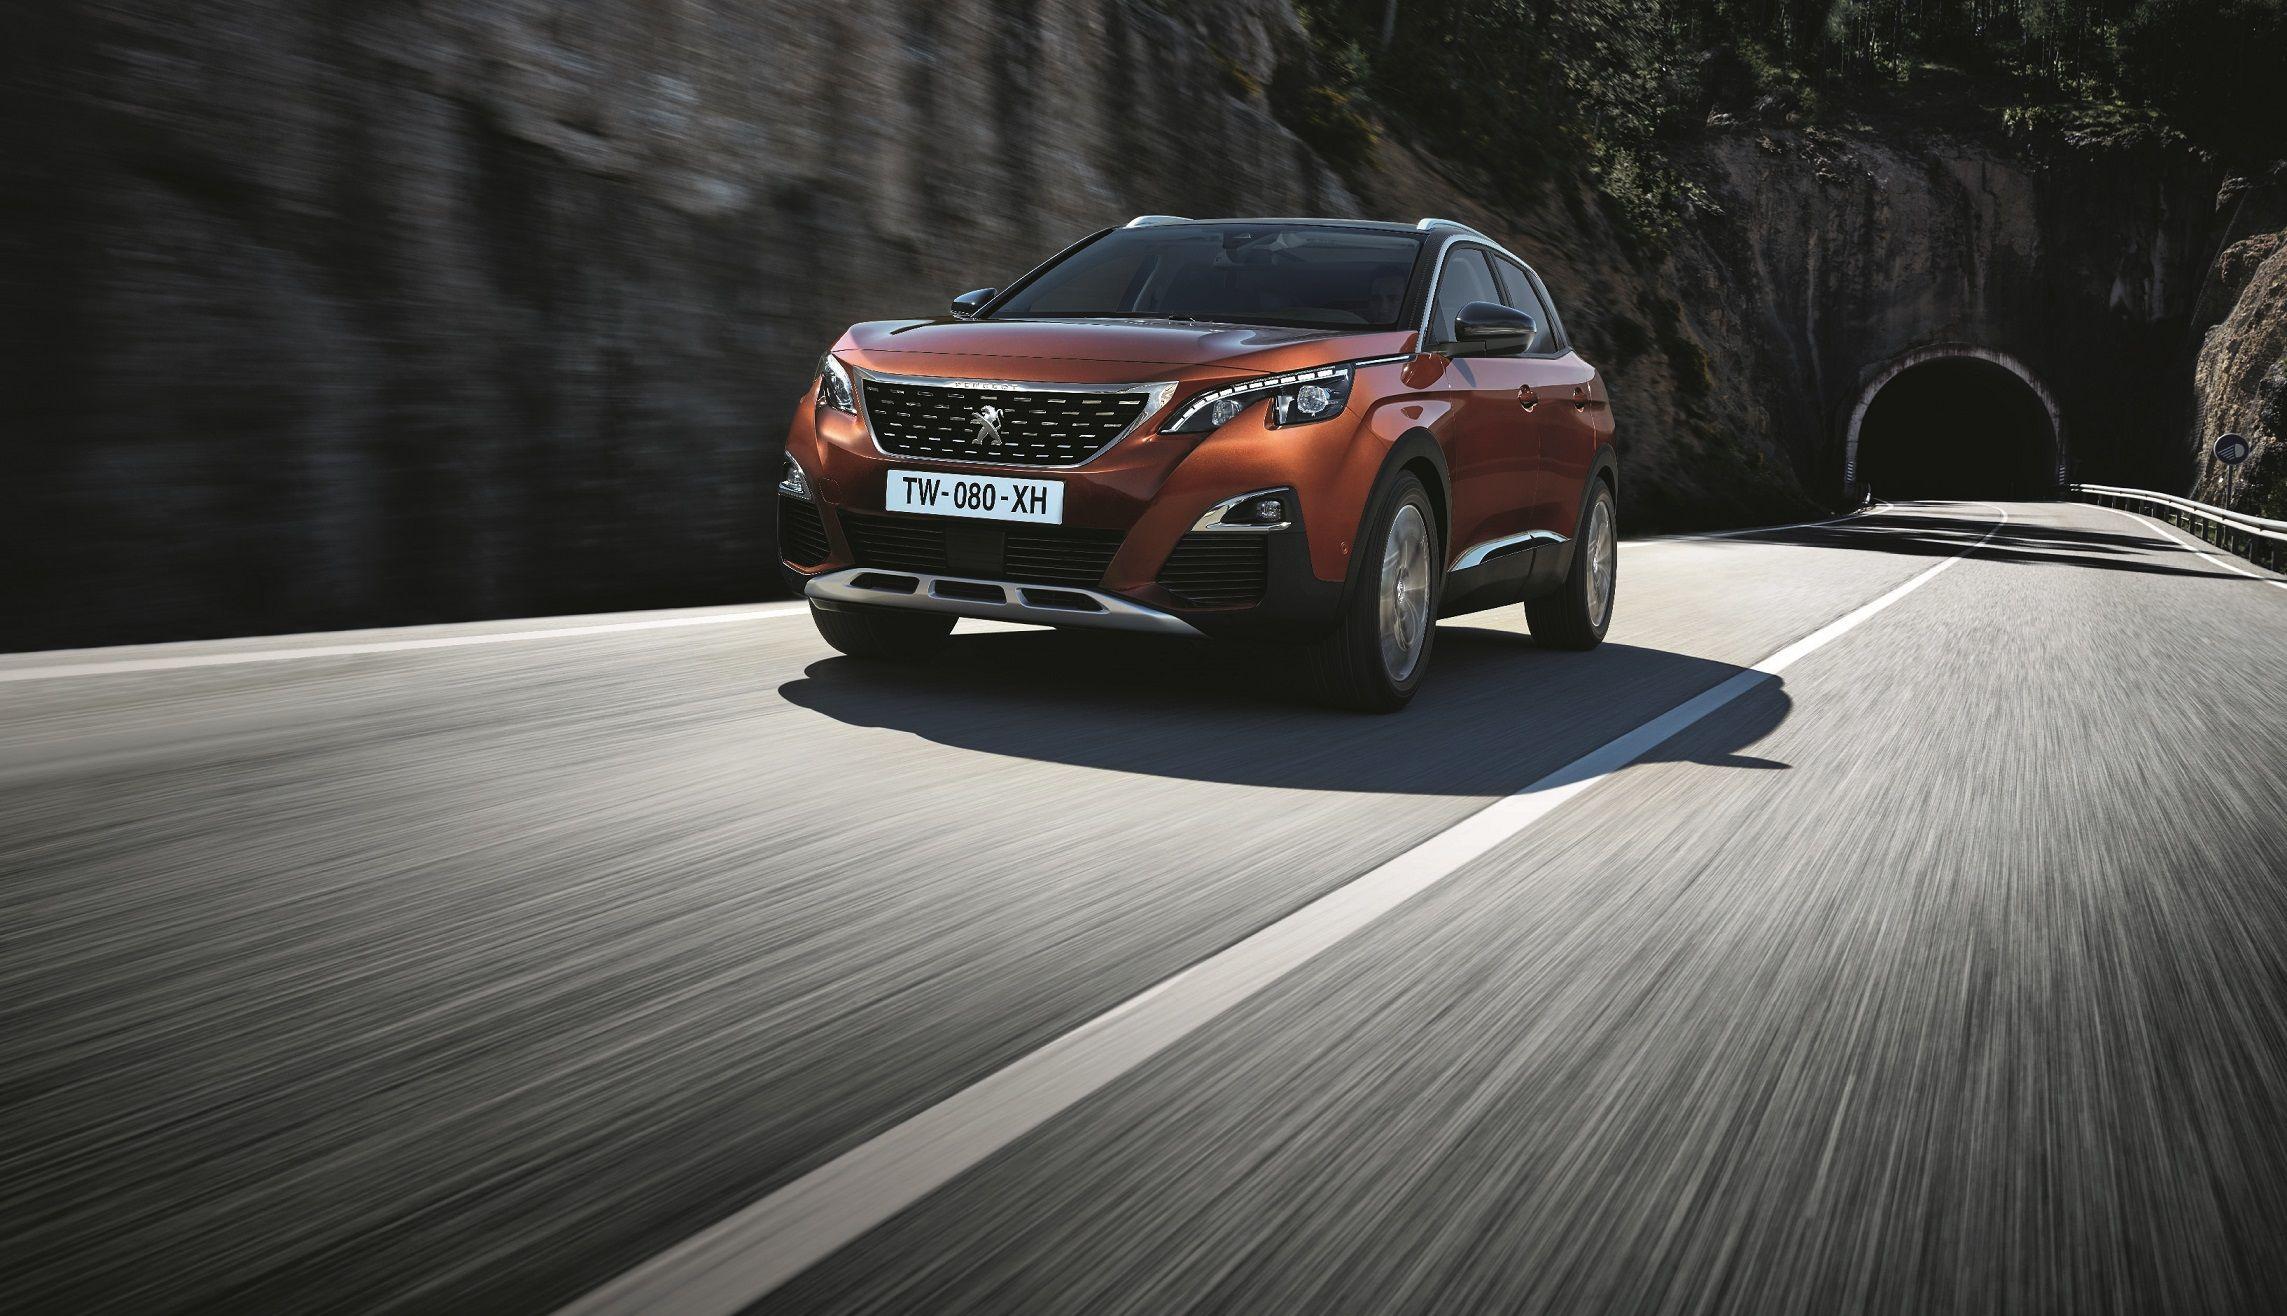 ¿Elegir tu coche basándote en el olor? Con el nuevo Peugeot 3008 ahora puedes